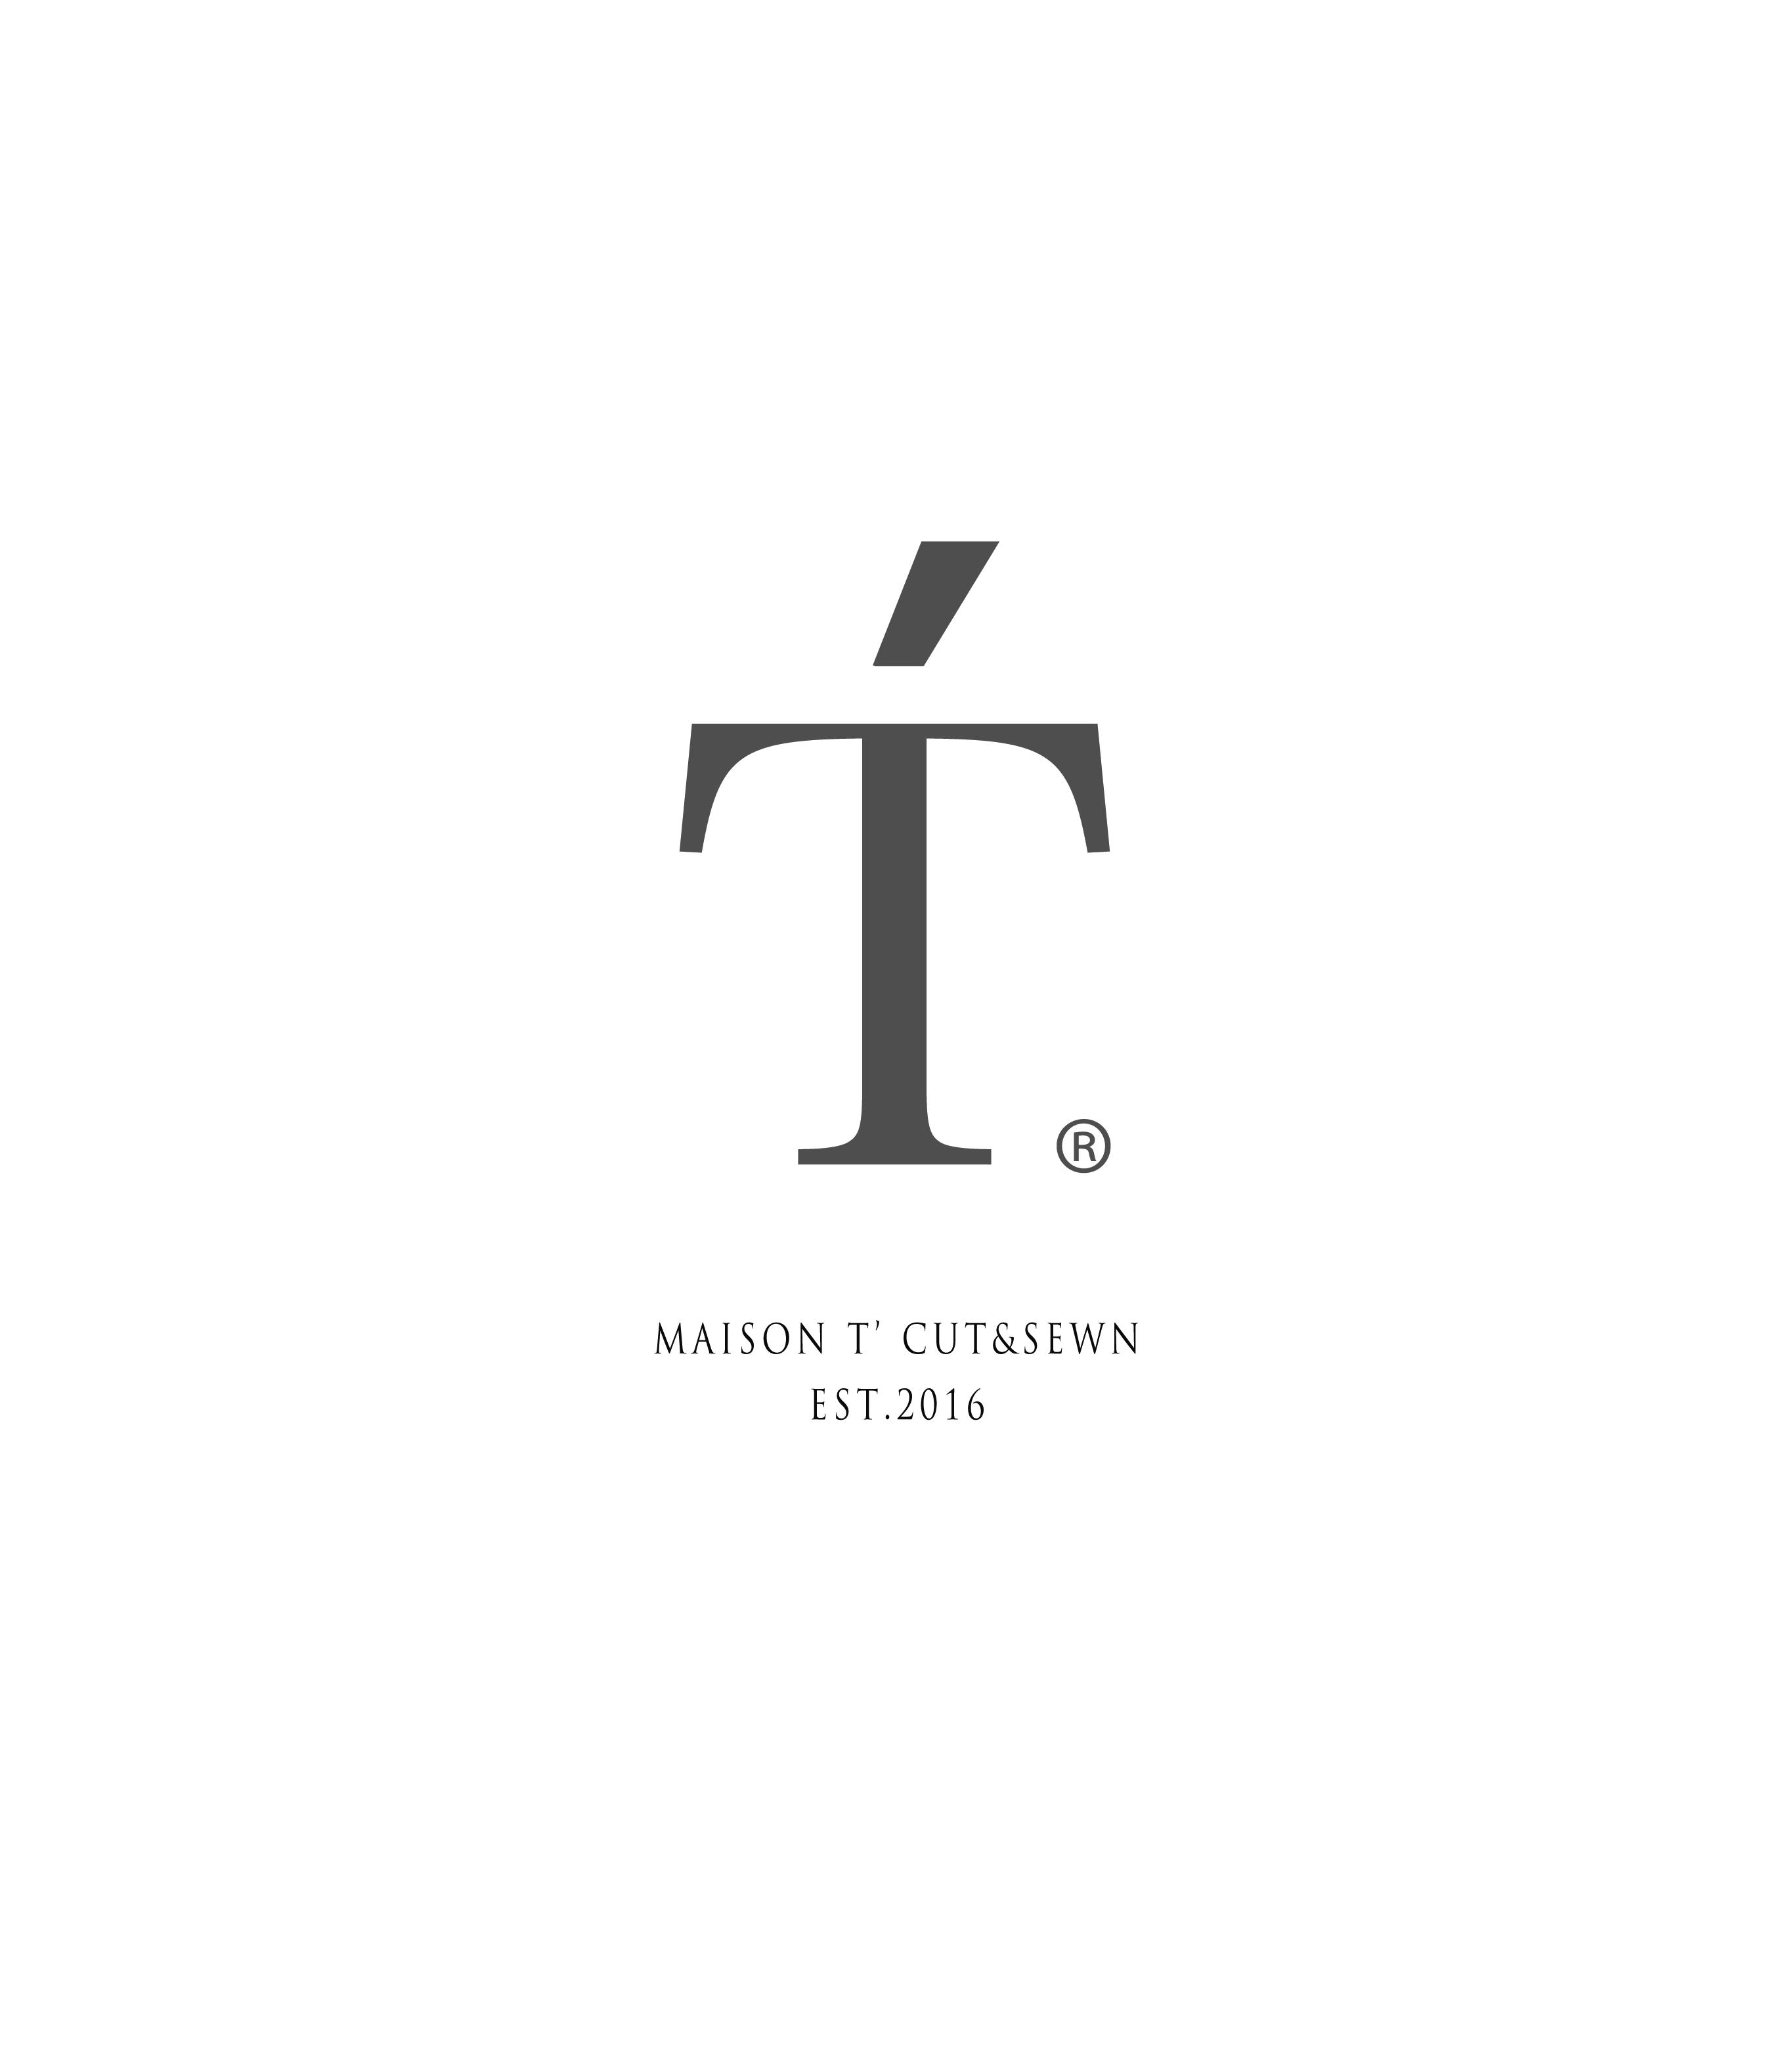 T' CUTSEWN MAISON EST.2016